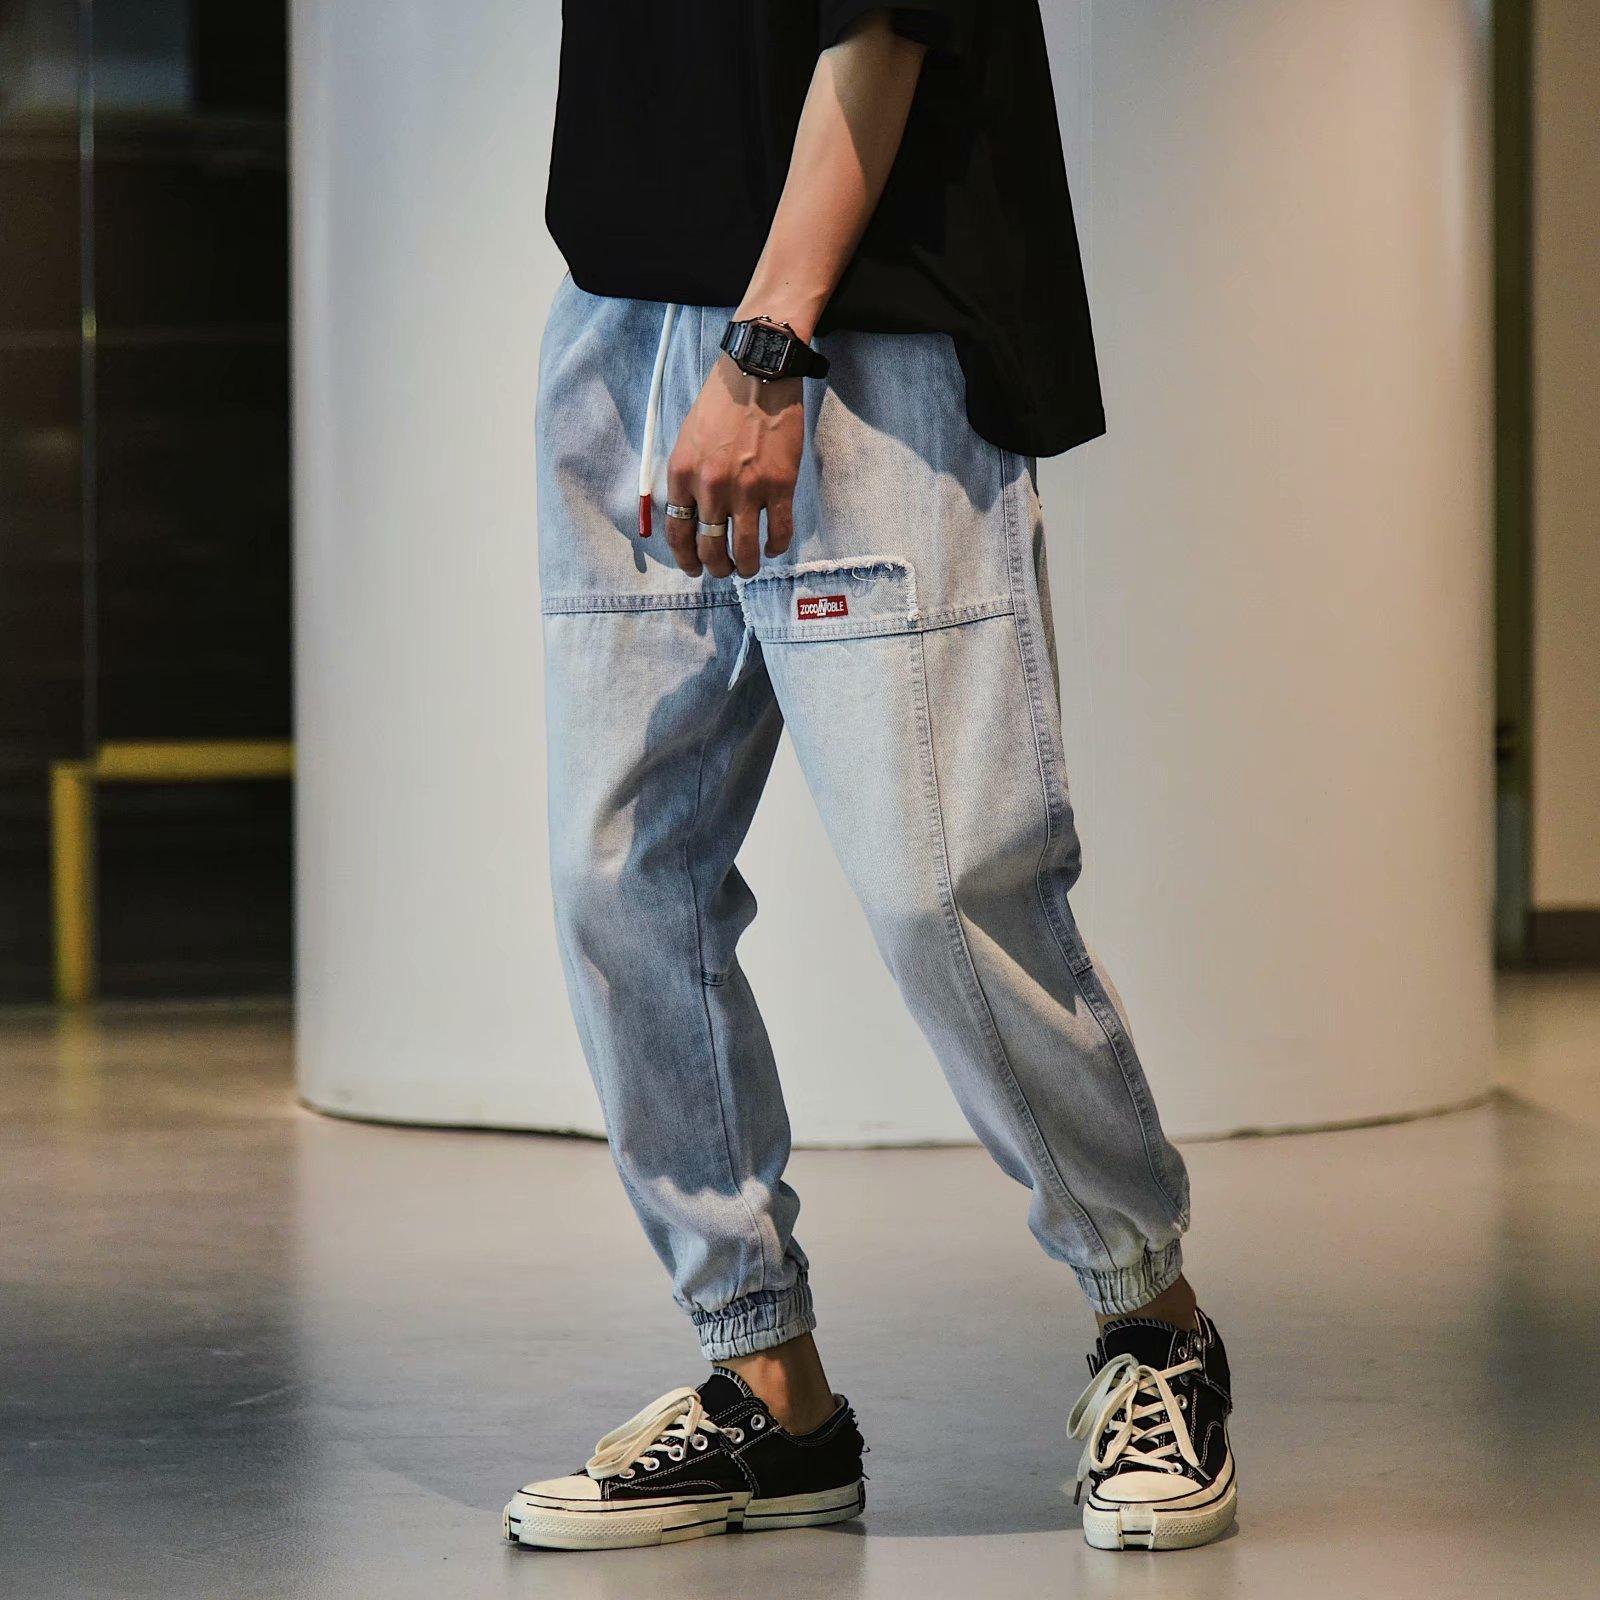 Pantalones de algodón de los pantalones de algodón de los pantalones de algodón de los hombres delgados de algodón deportes sueltos y cómodos pantalones de tendencia primavera otoño 2020 nuevo pop